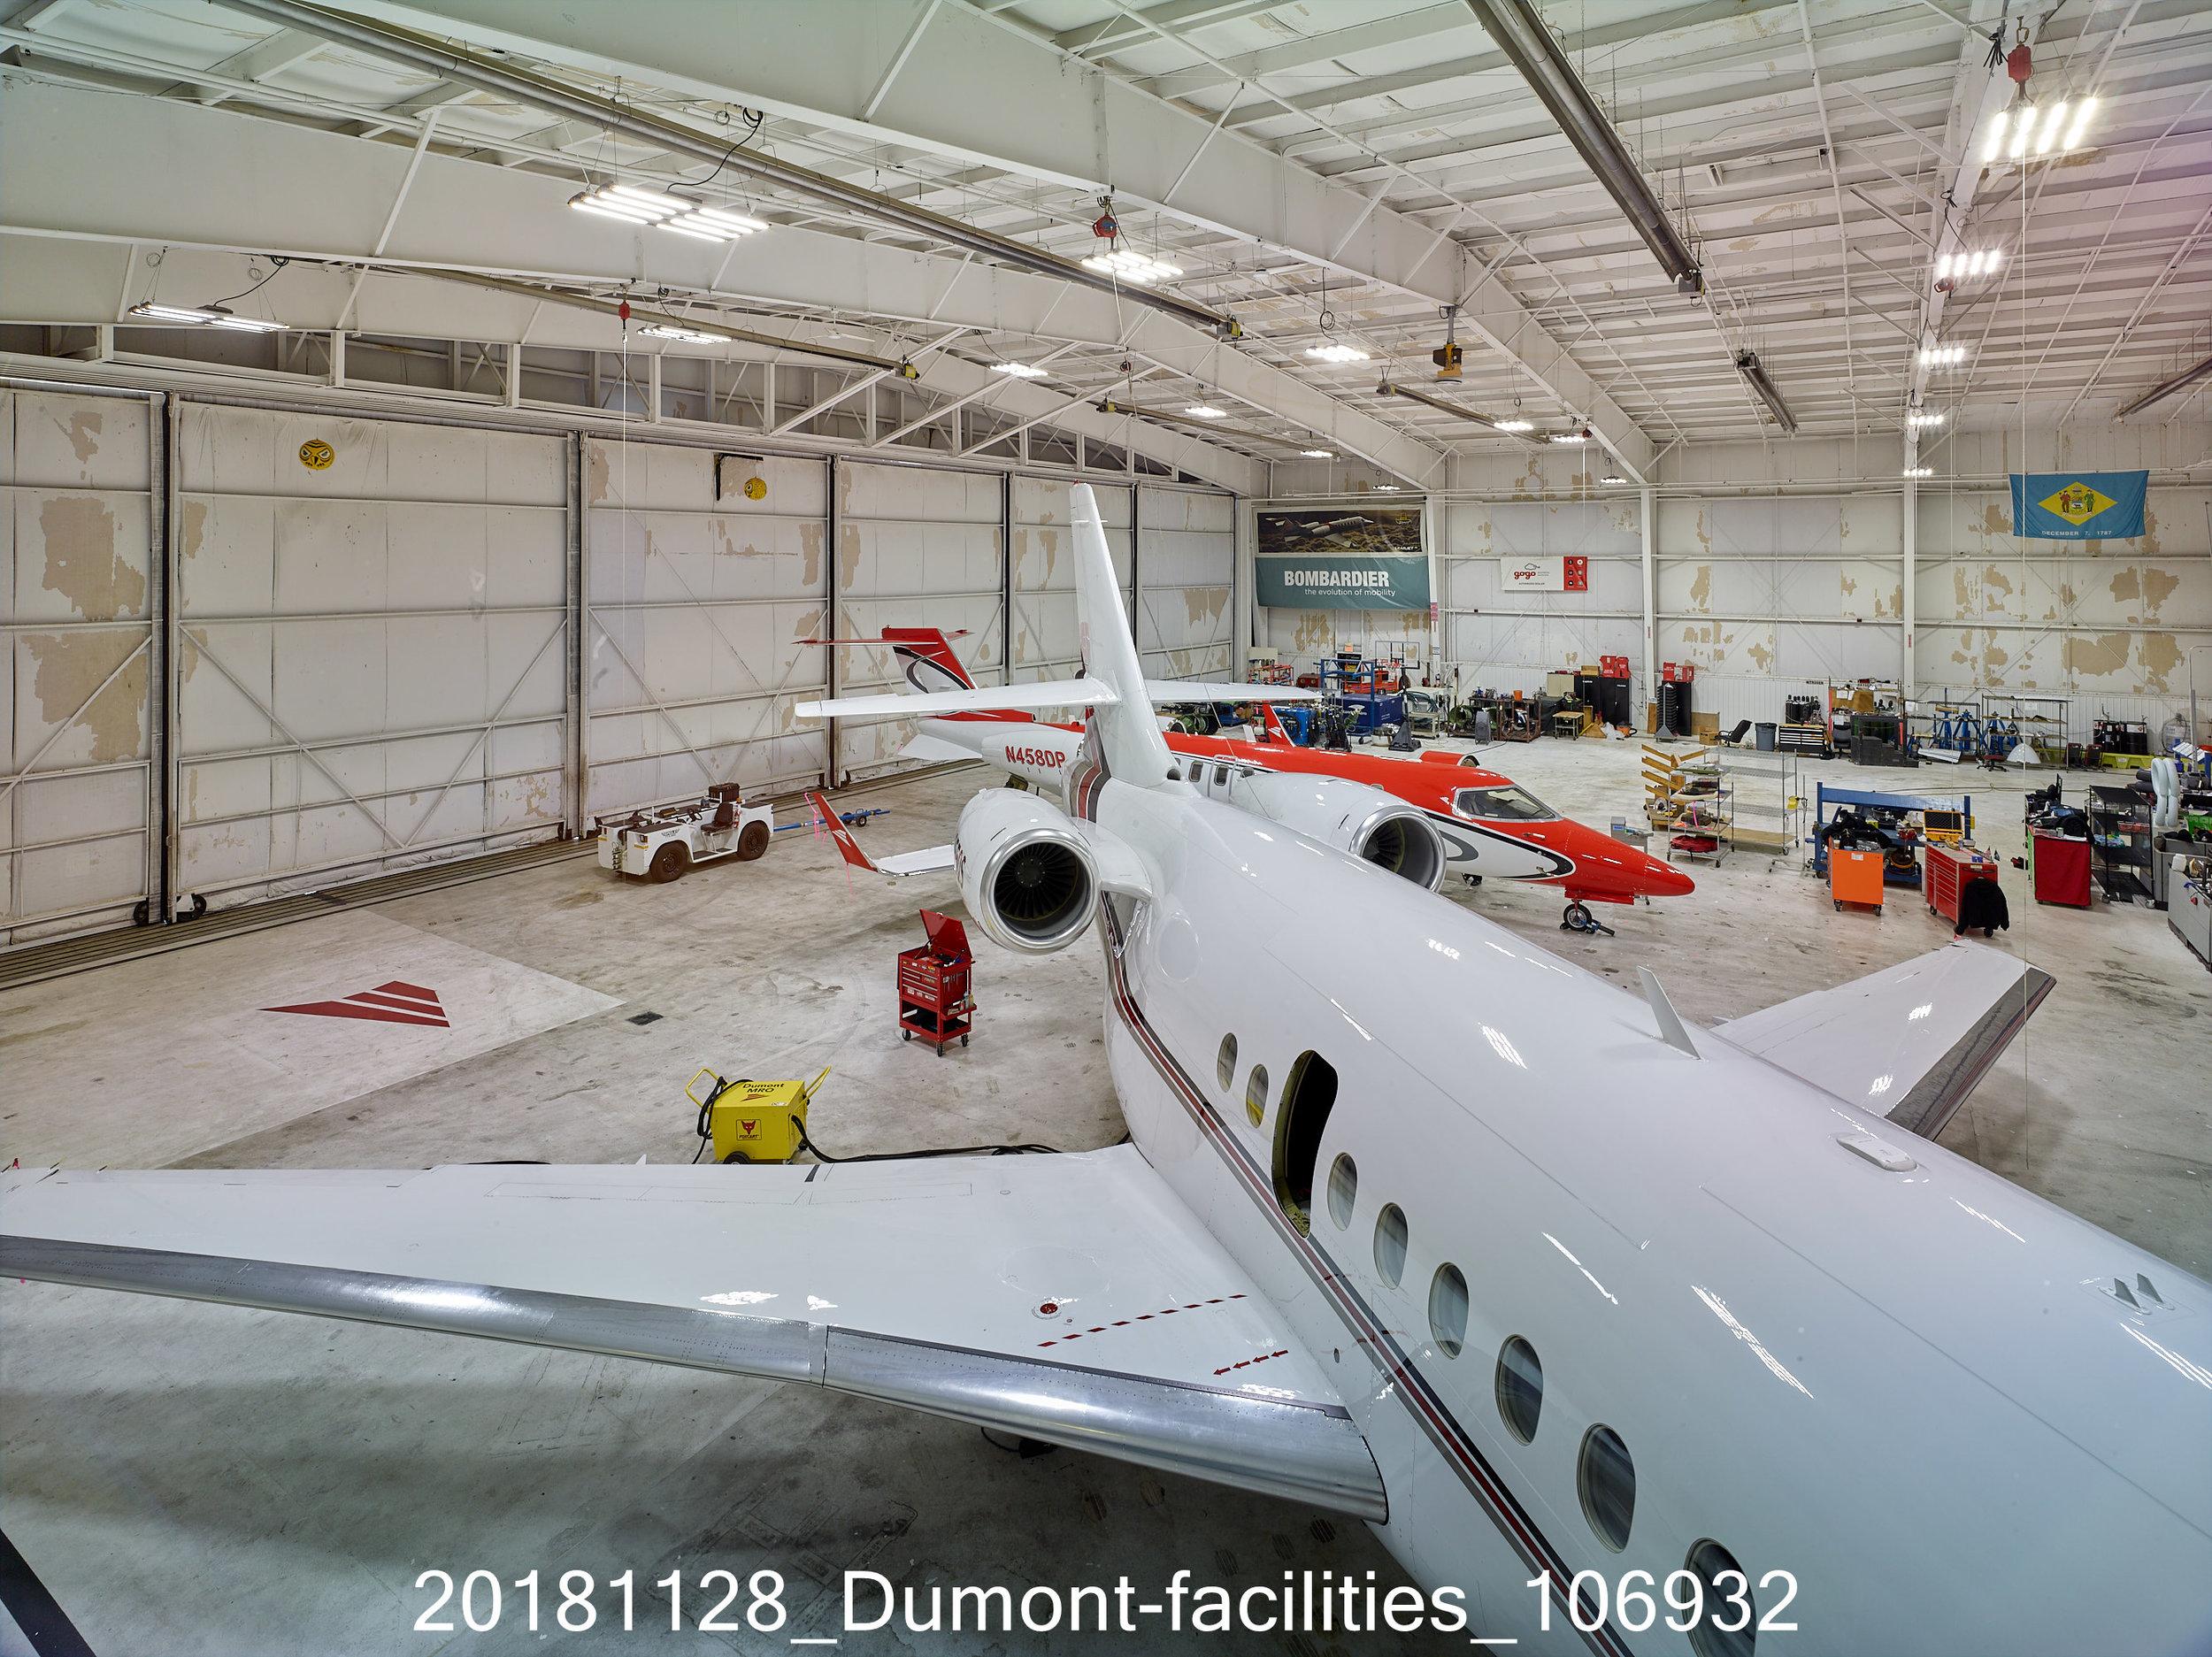 20181128_Dumont-facilities_106932.jpg